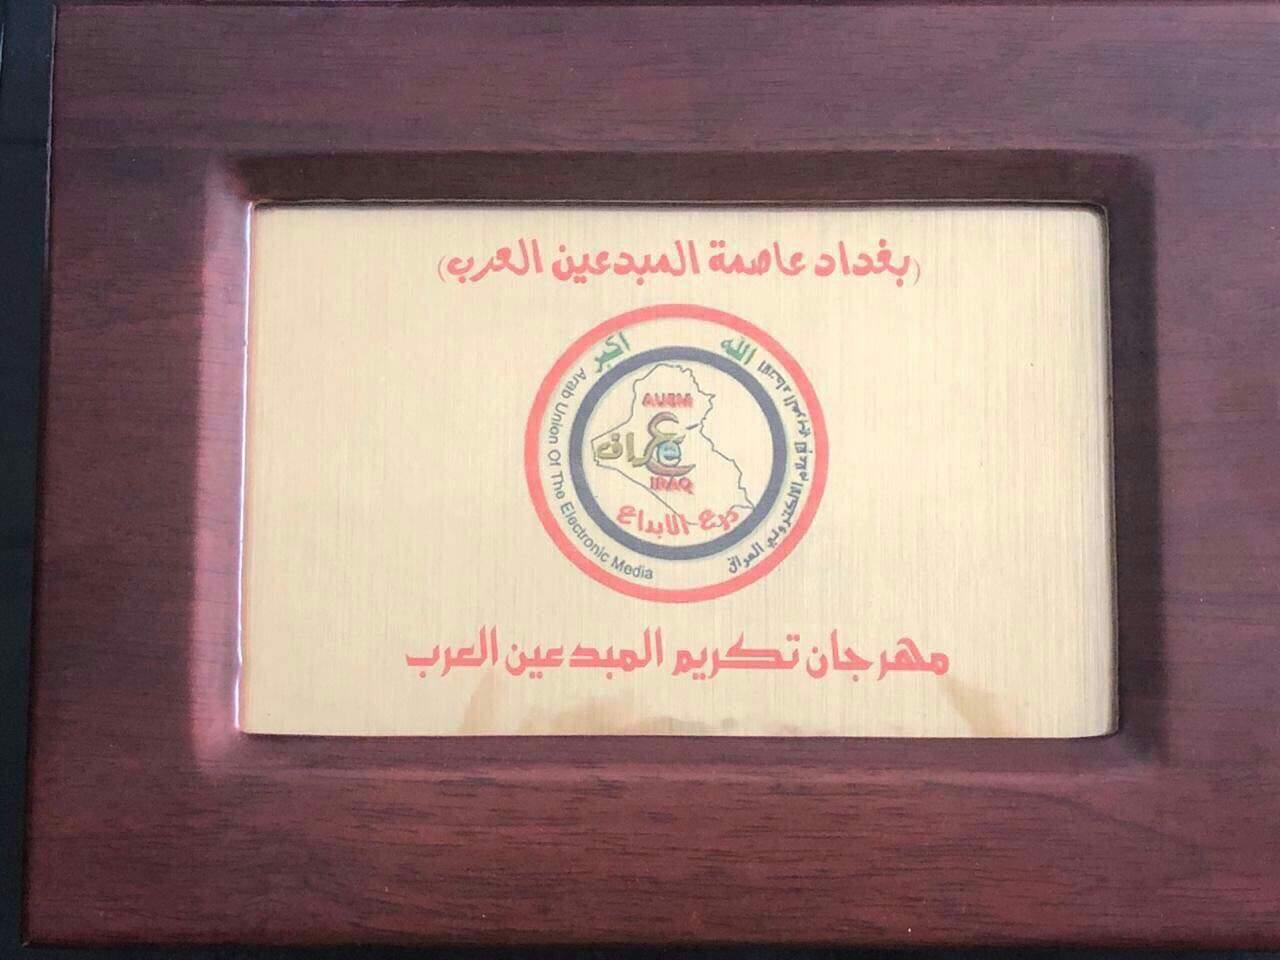 عميد كلية التقنيات الاحيائية يُكرم بدرع الابداع في مهرجان تكريم المبدعين العرب.